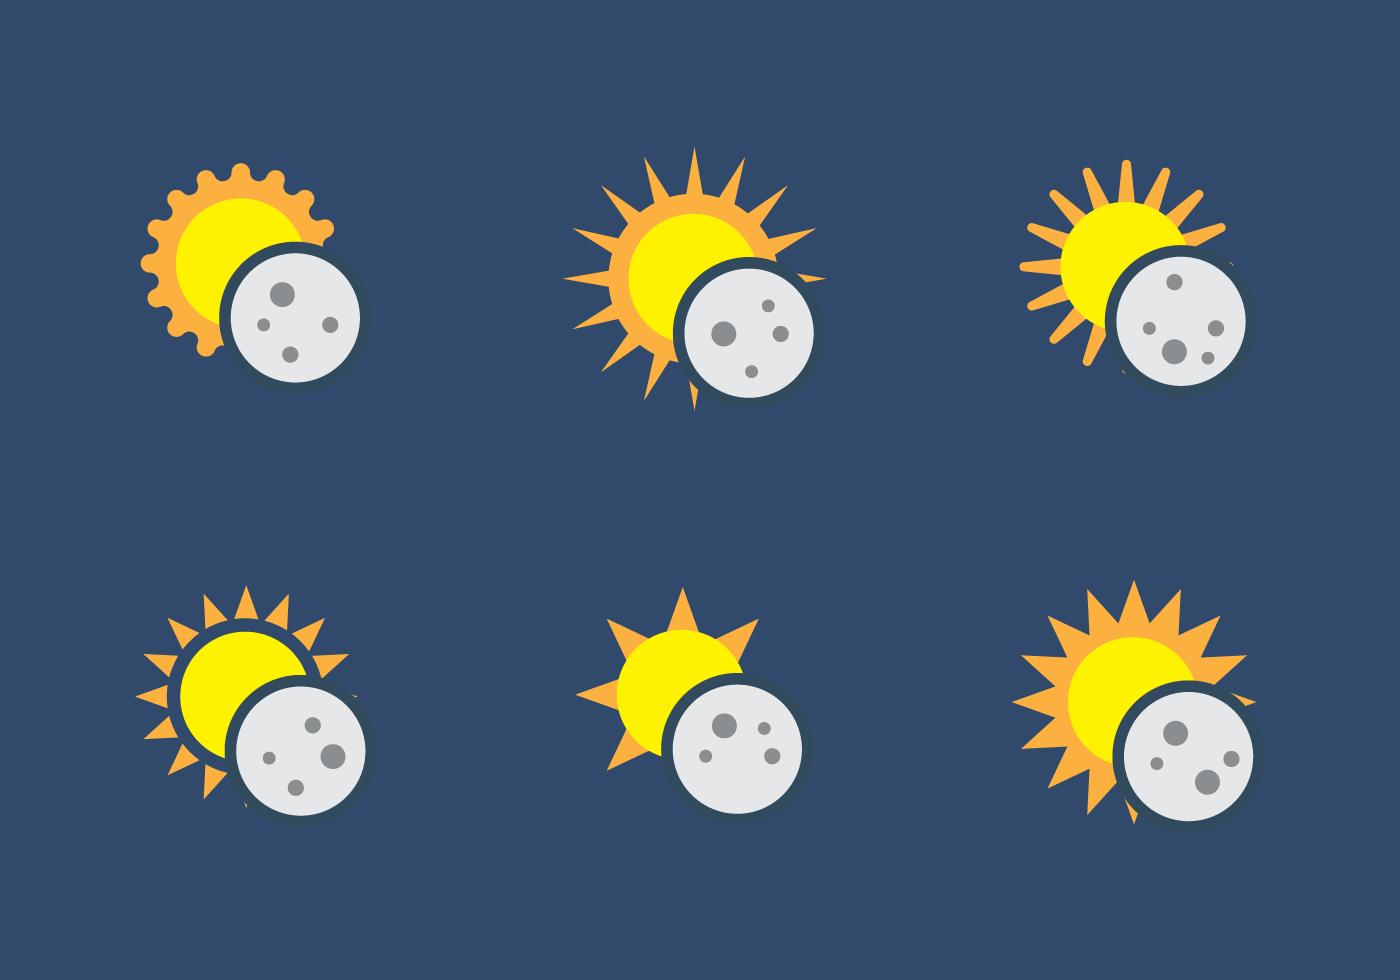 太陽插圖 免費下載   天天瘋後製